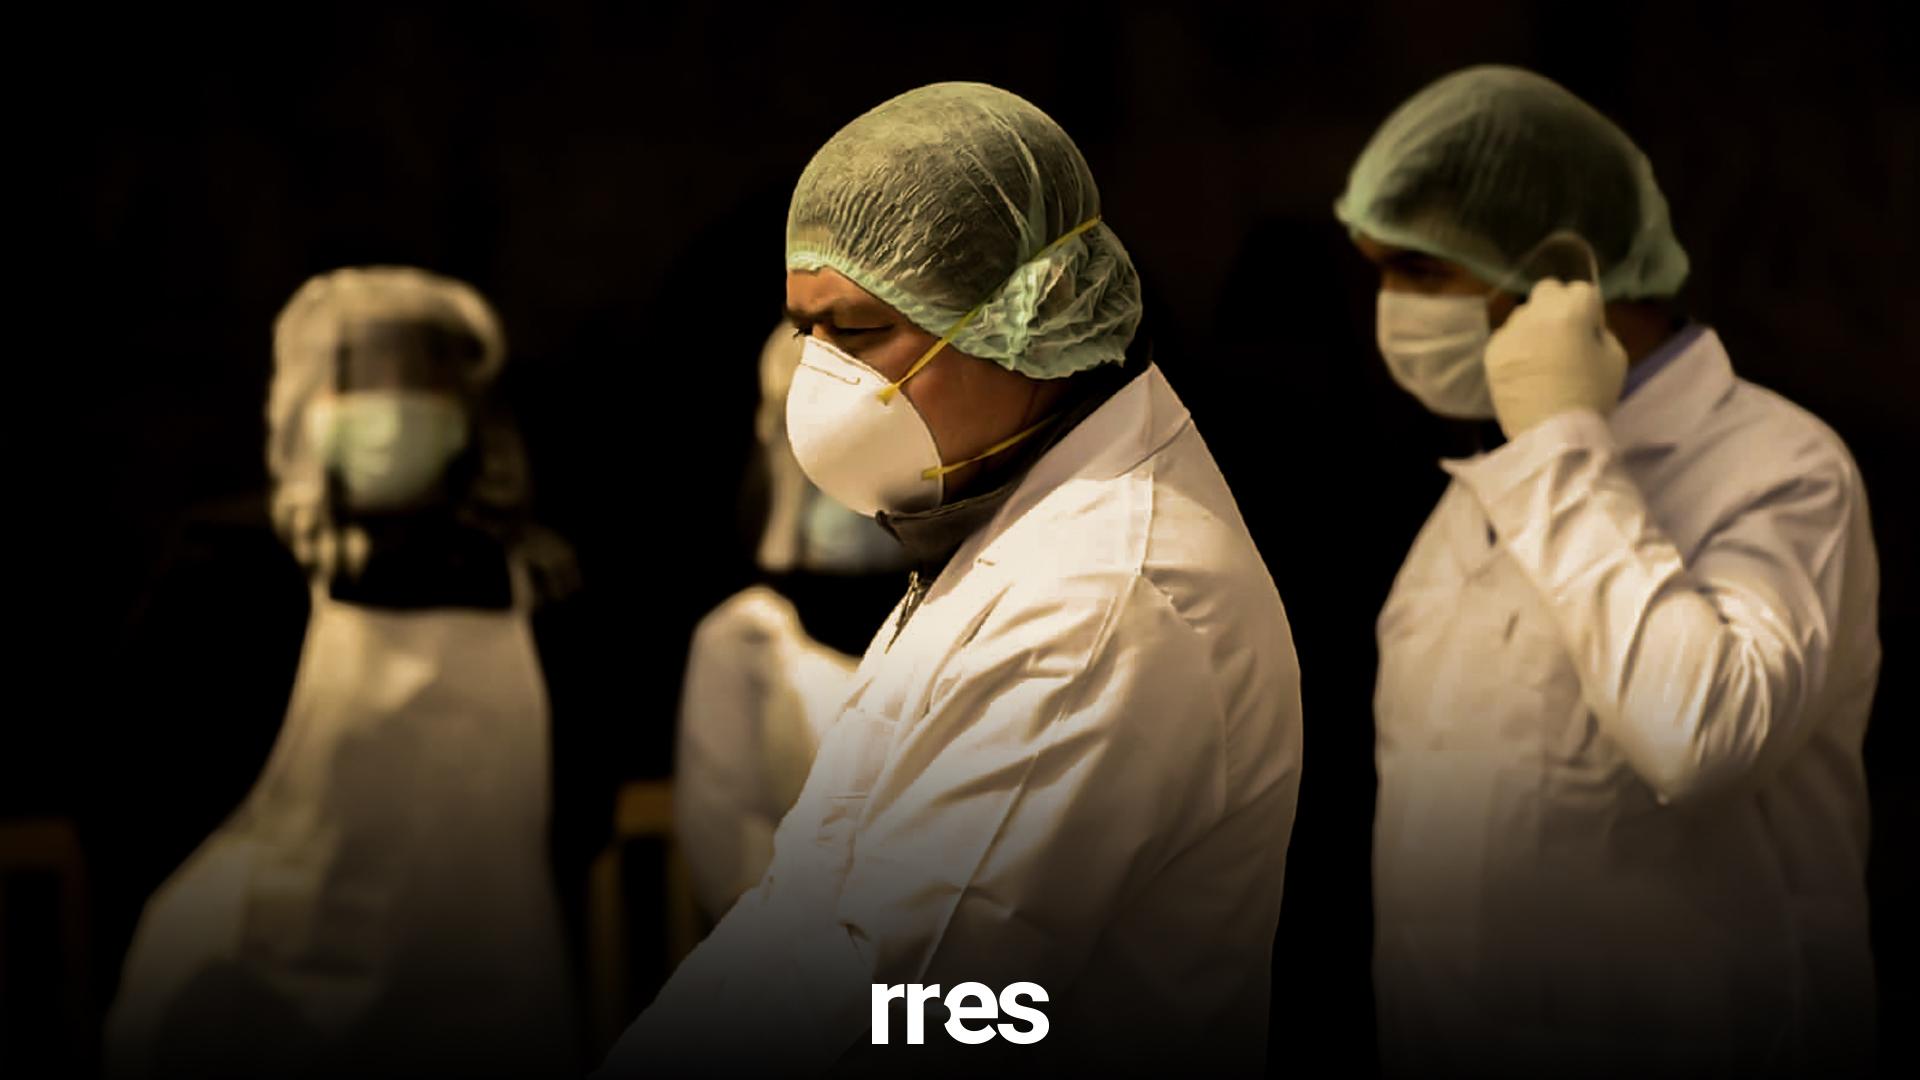 Médicos venezolanos siguen ejerciendo pese al miedo al contagio